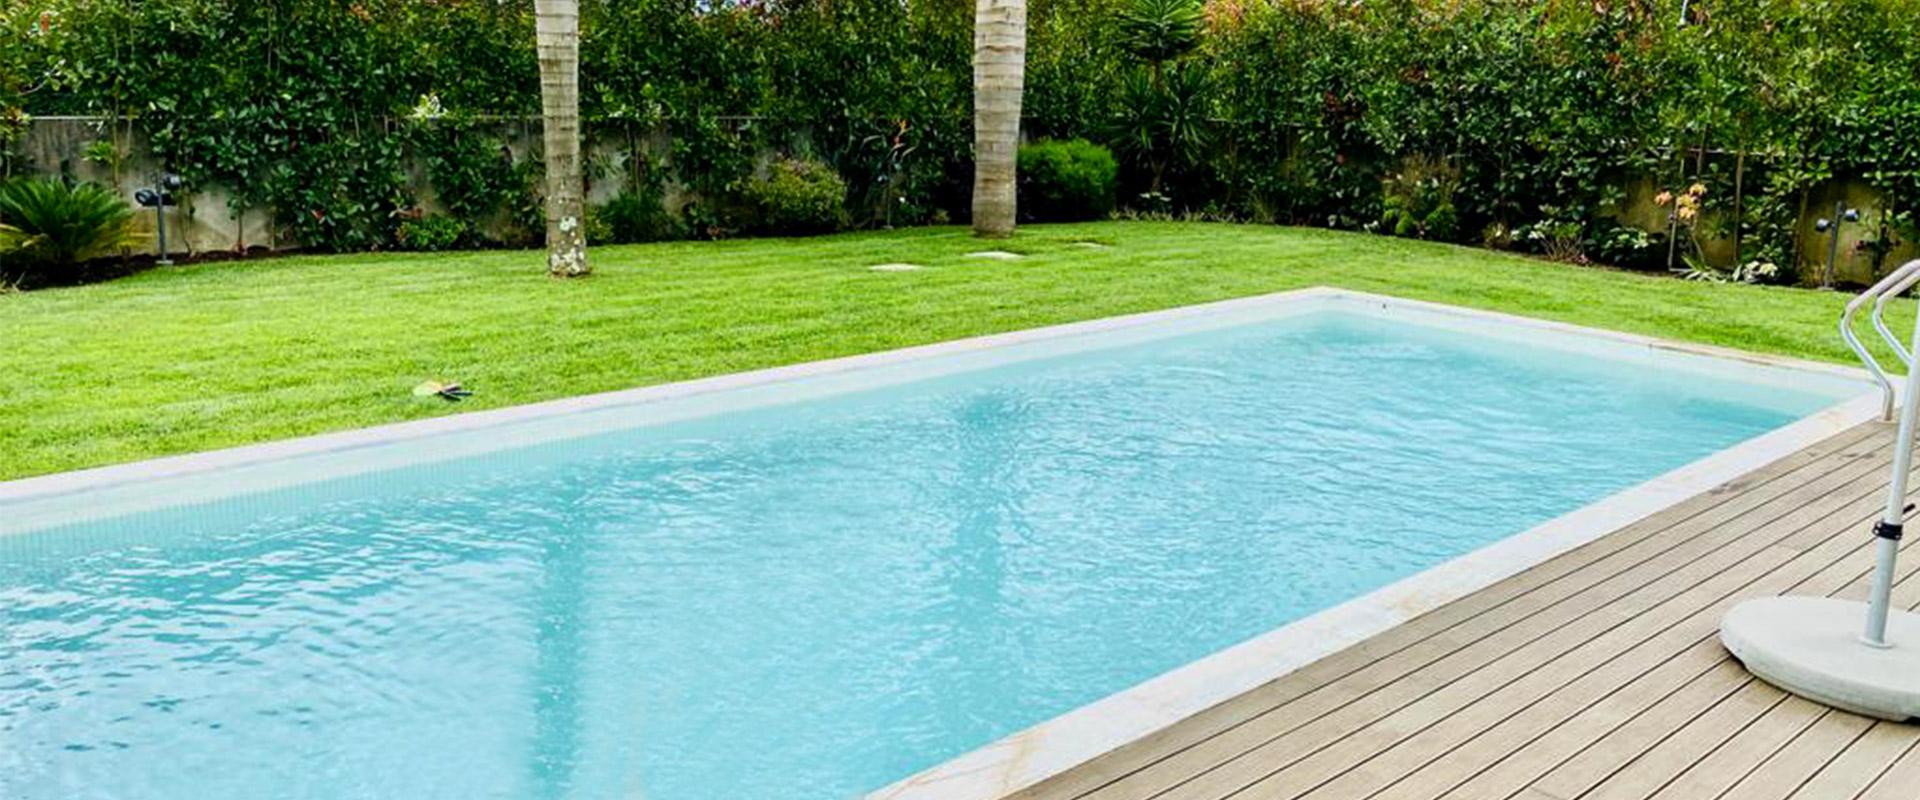 casa com piscina, construção de piscina em jardim